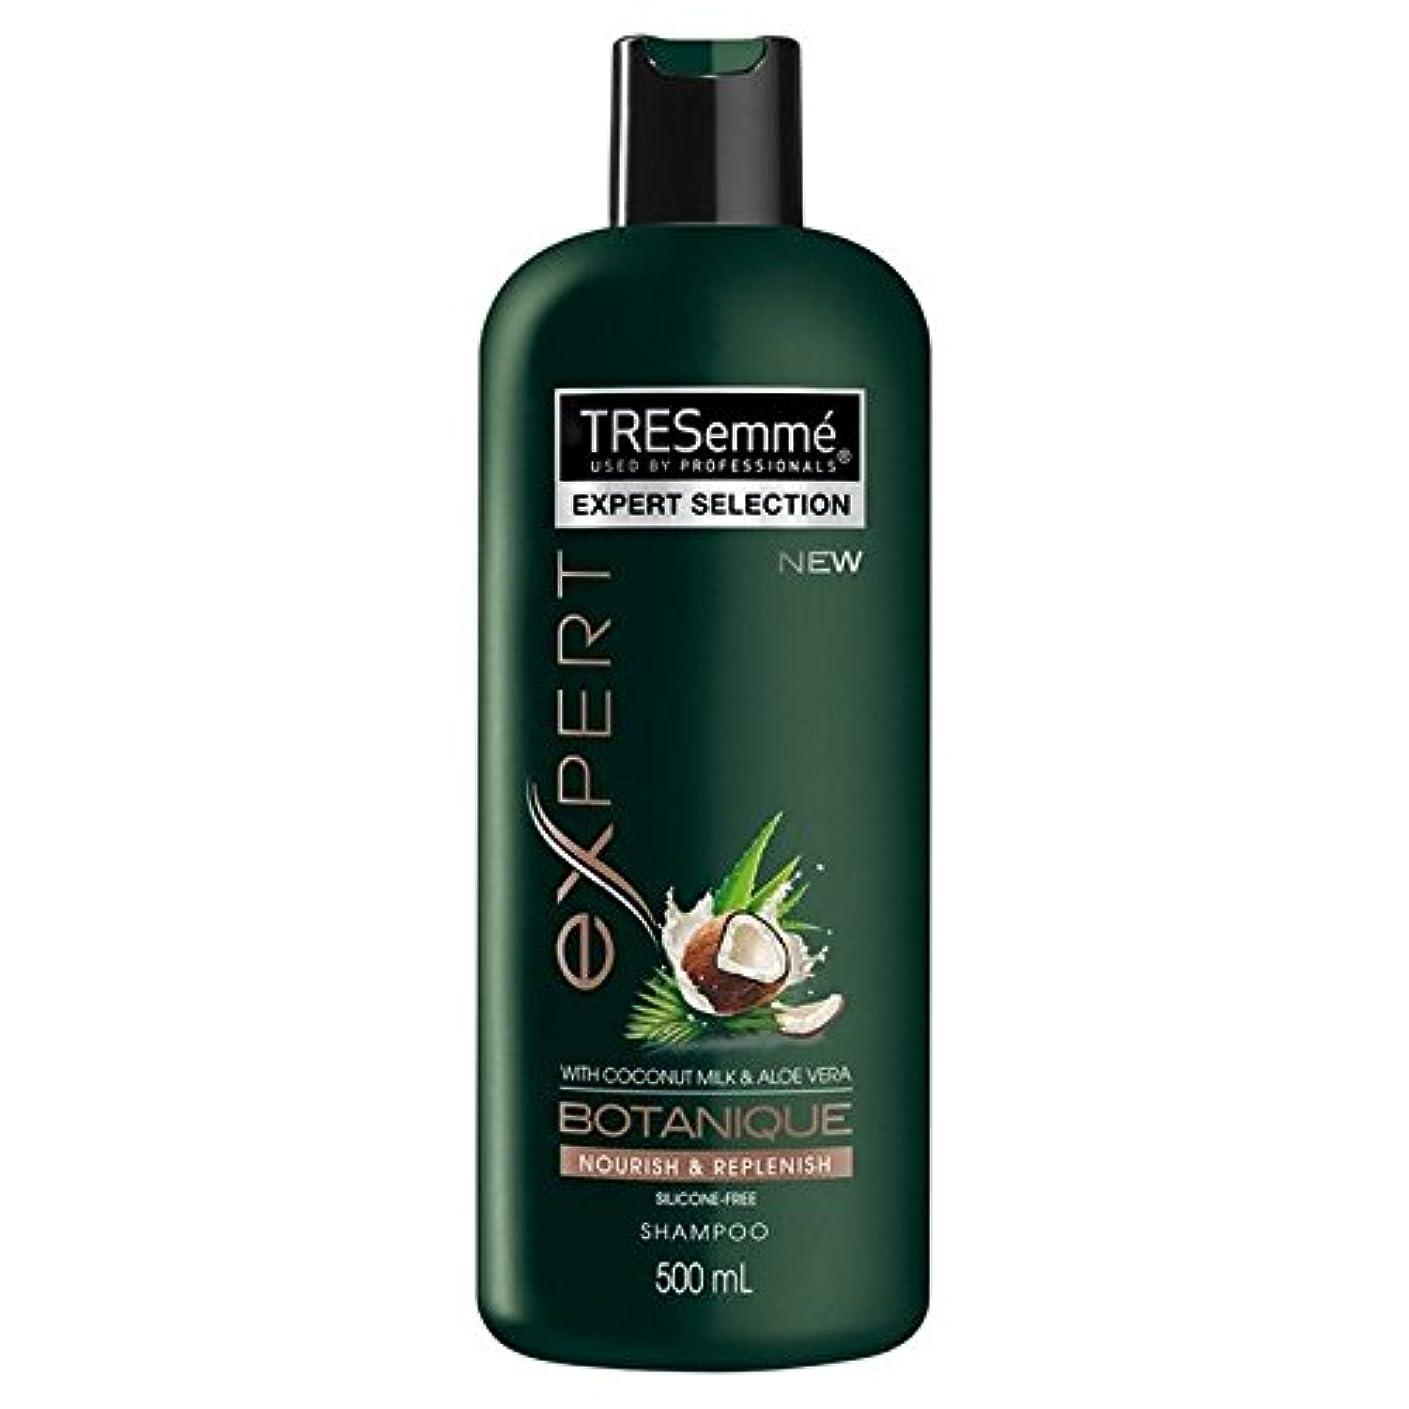 若いキウイ器具TRESemme Botanique Nourish & Replenish Shampoo 500ml - のボタニックはシャンプー500ミリリットルを養う&補充します [並行輸入品]